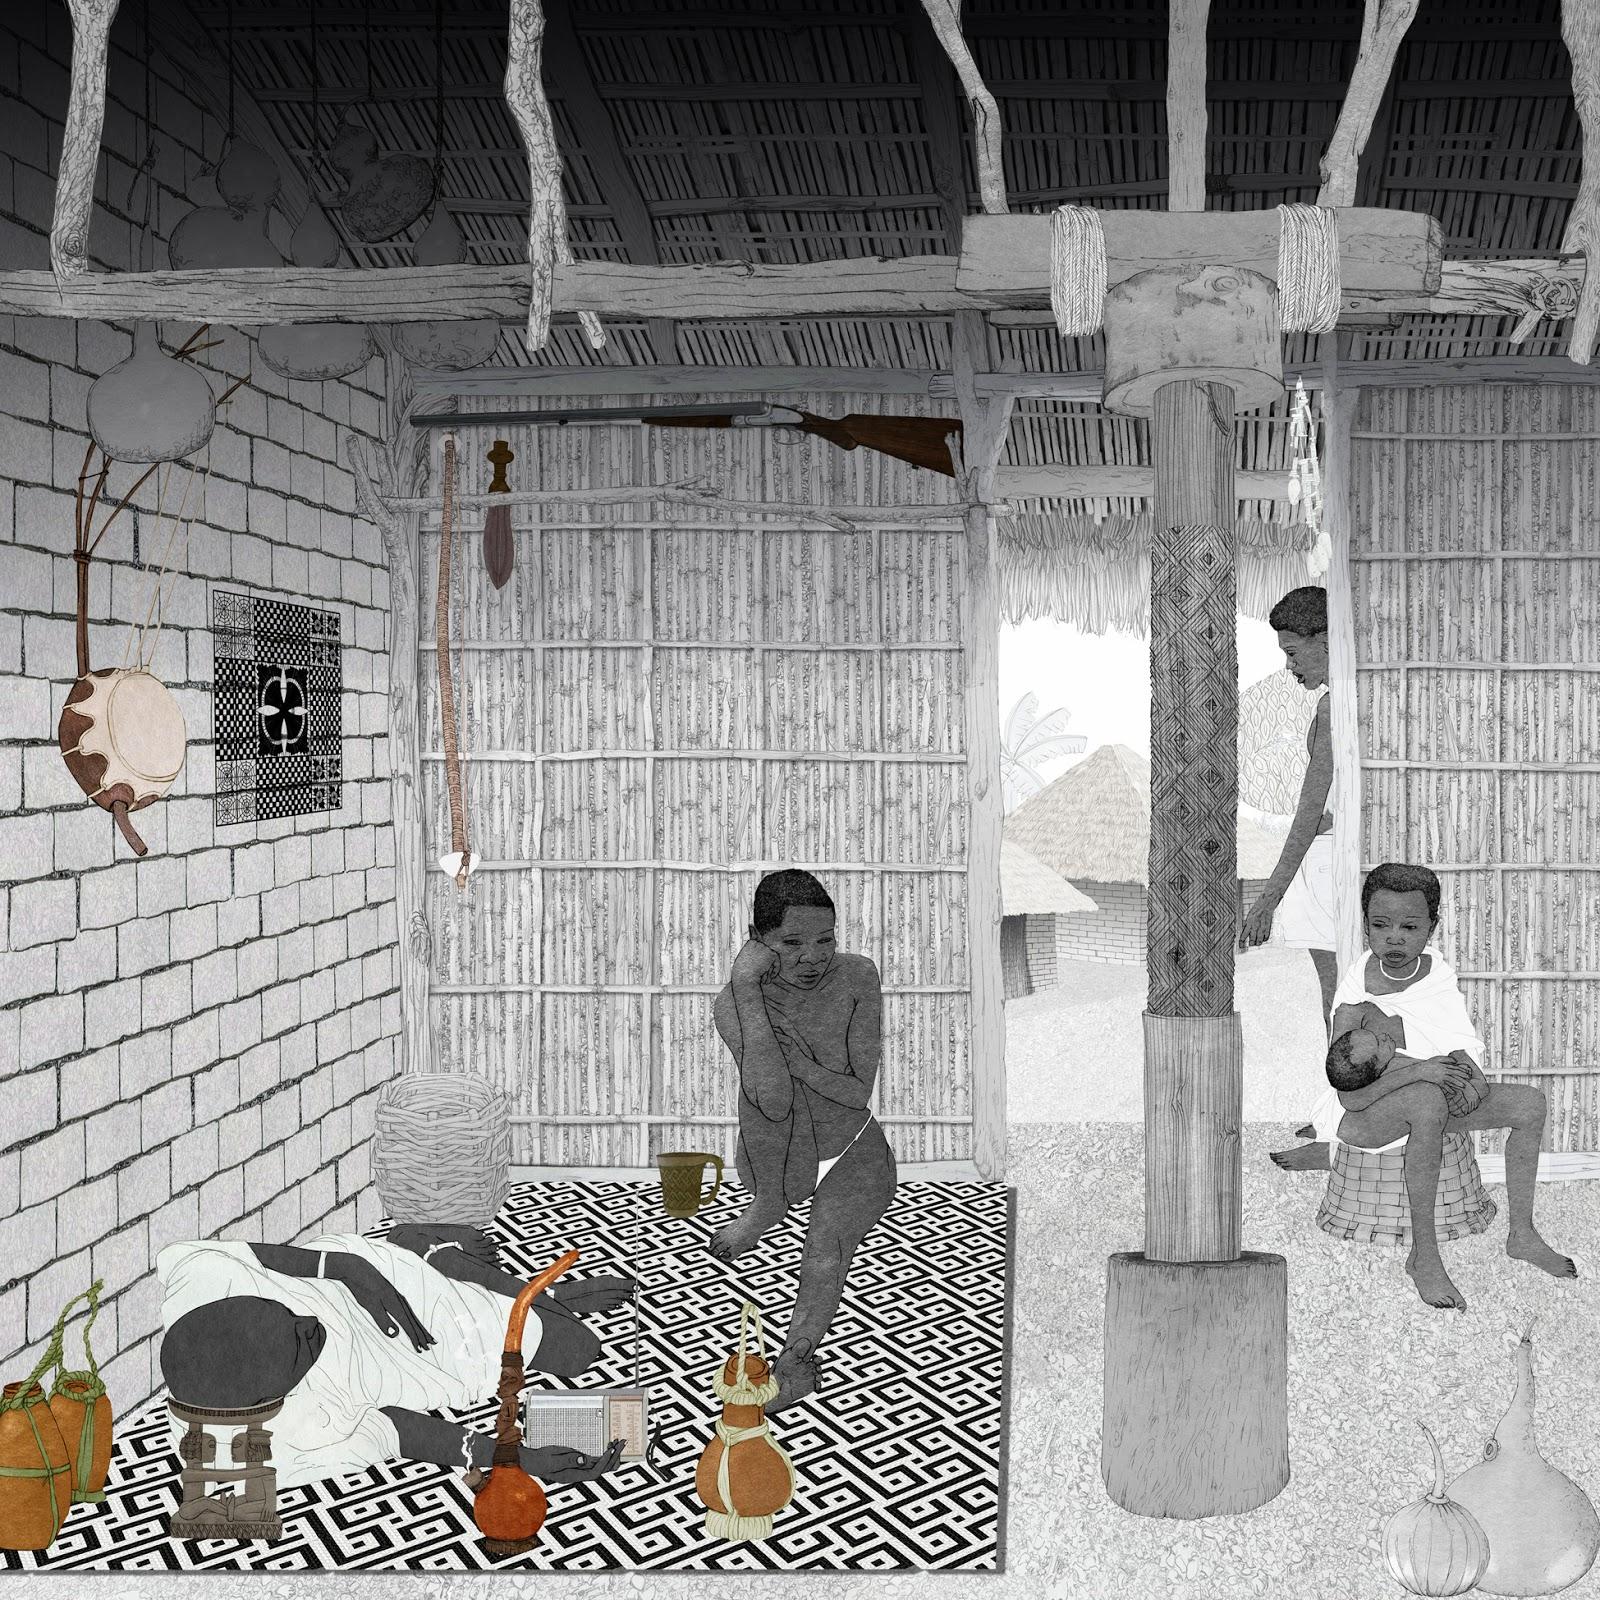 espacio domestico, Congo, lamina